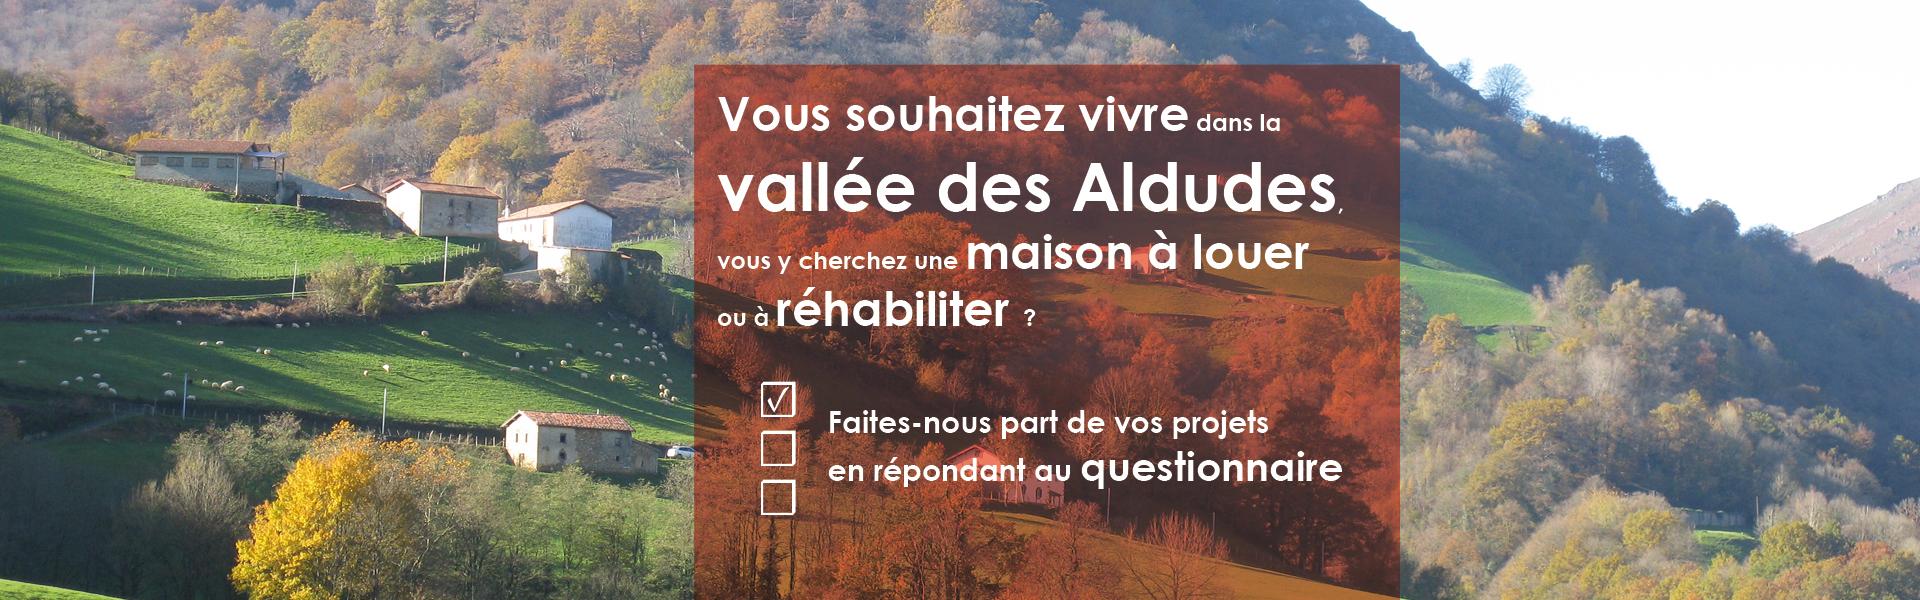 Enquête sur l'habitat dans la vallée des Alduldes